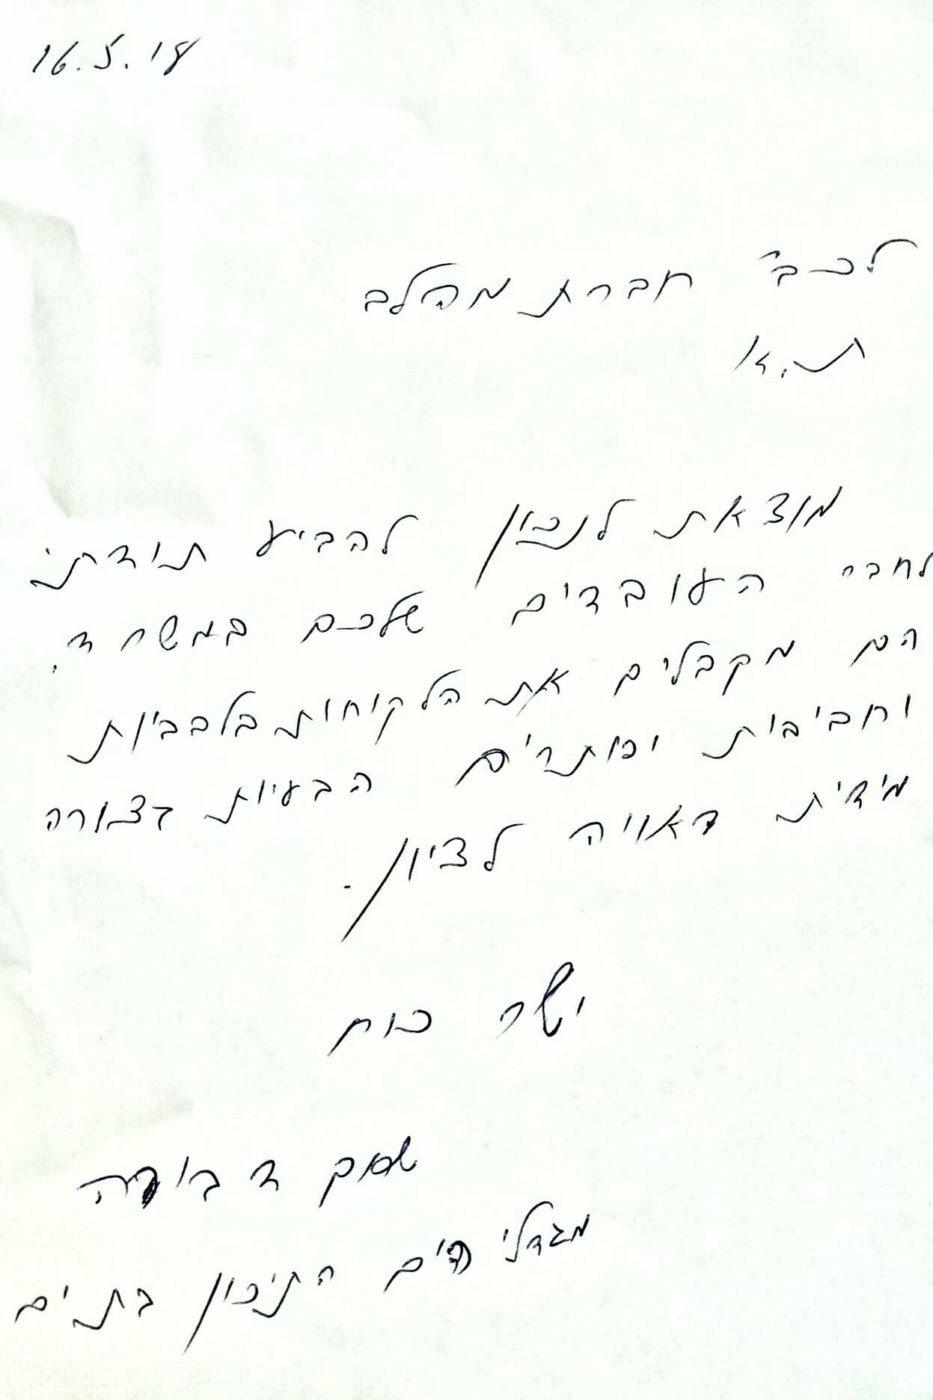 מכתב תודה מדבורה שרוך על צוות משרד מהלב